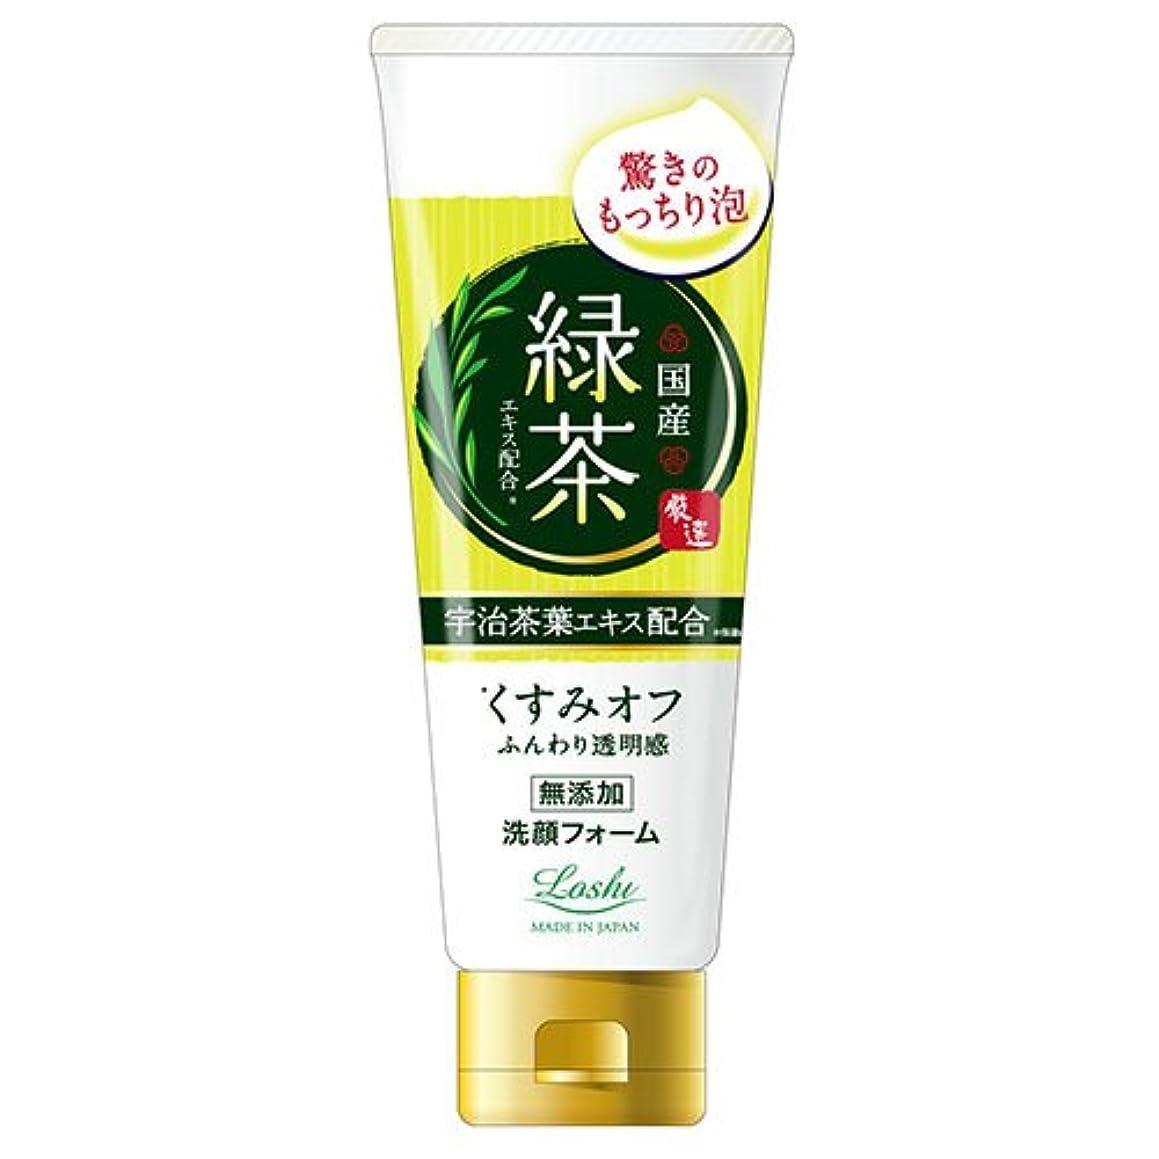 飲料週末意図的ロッシモイストエイド 国産 ホイップ洗顔 緑茶 120g